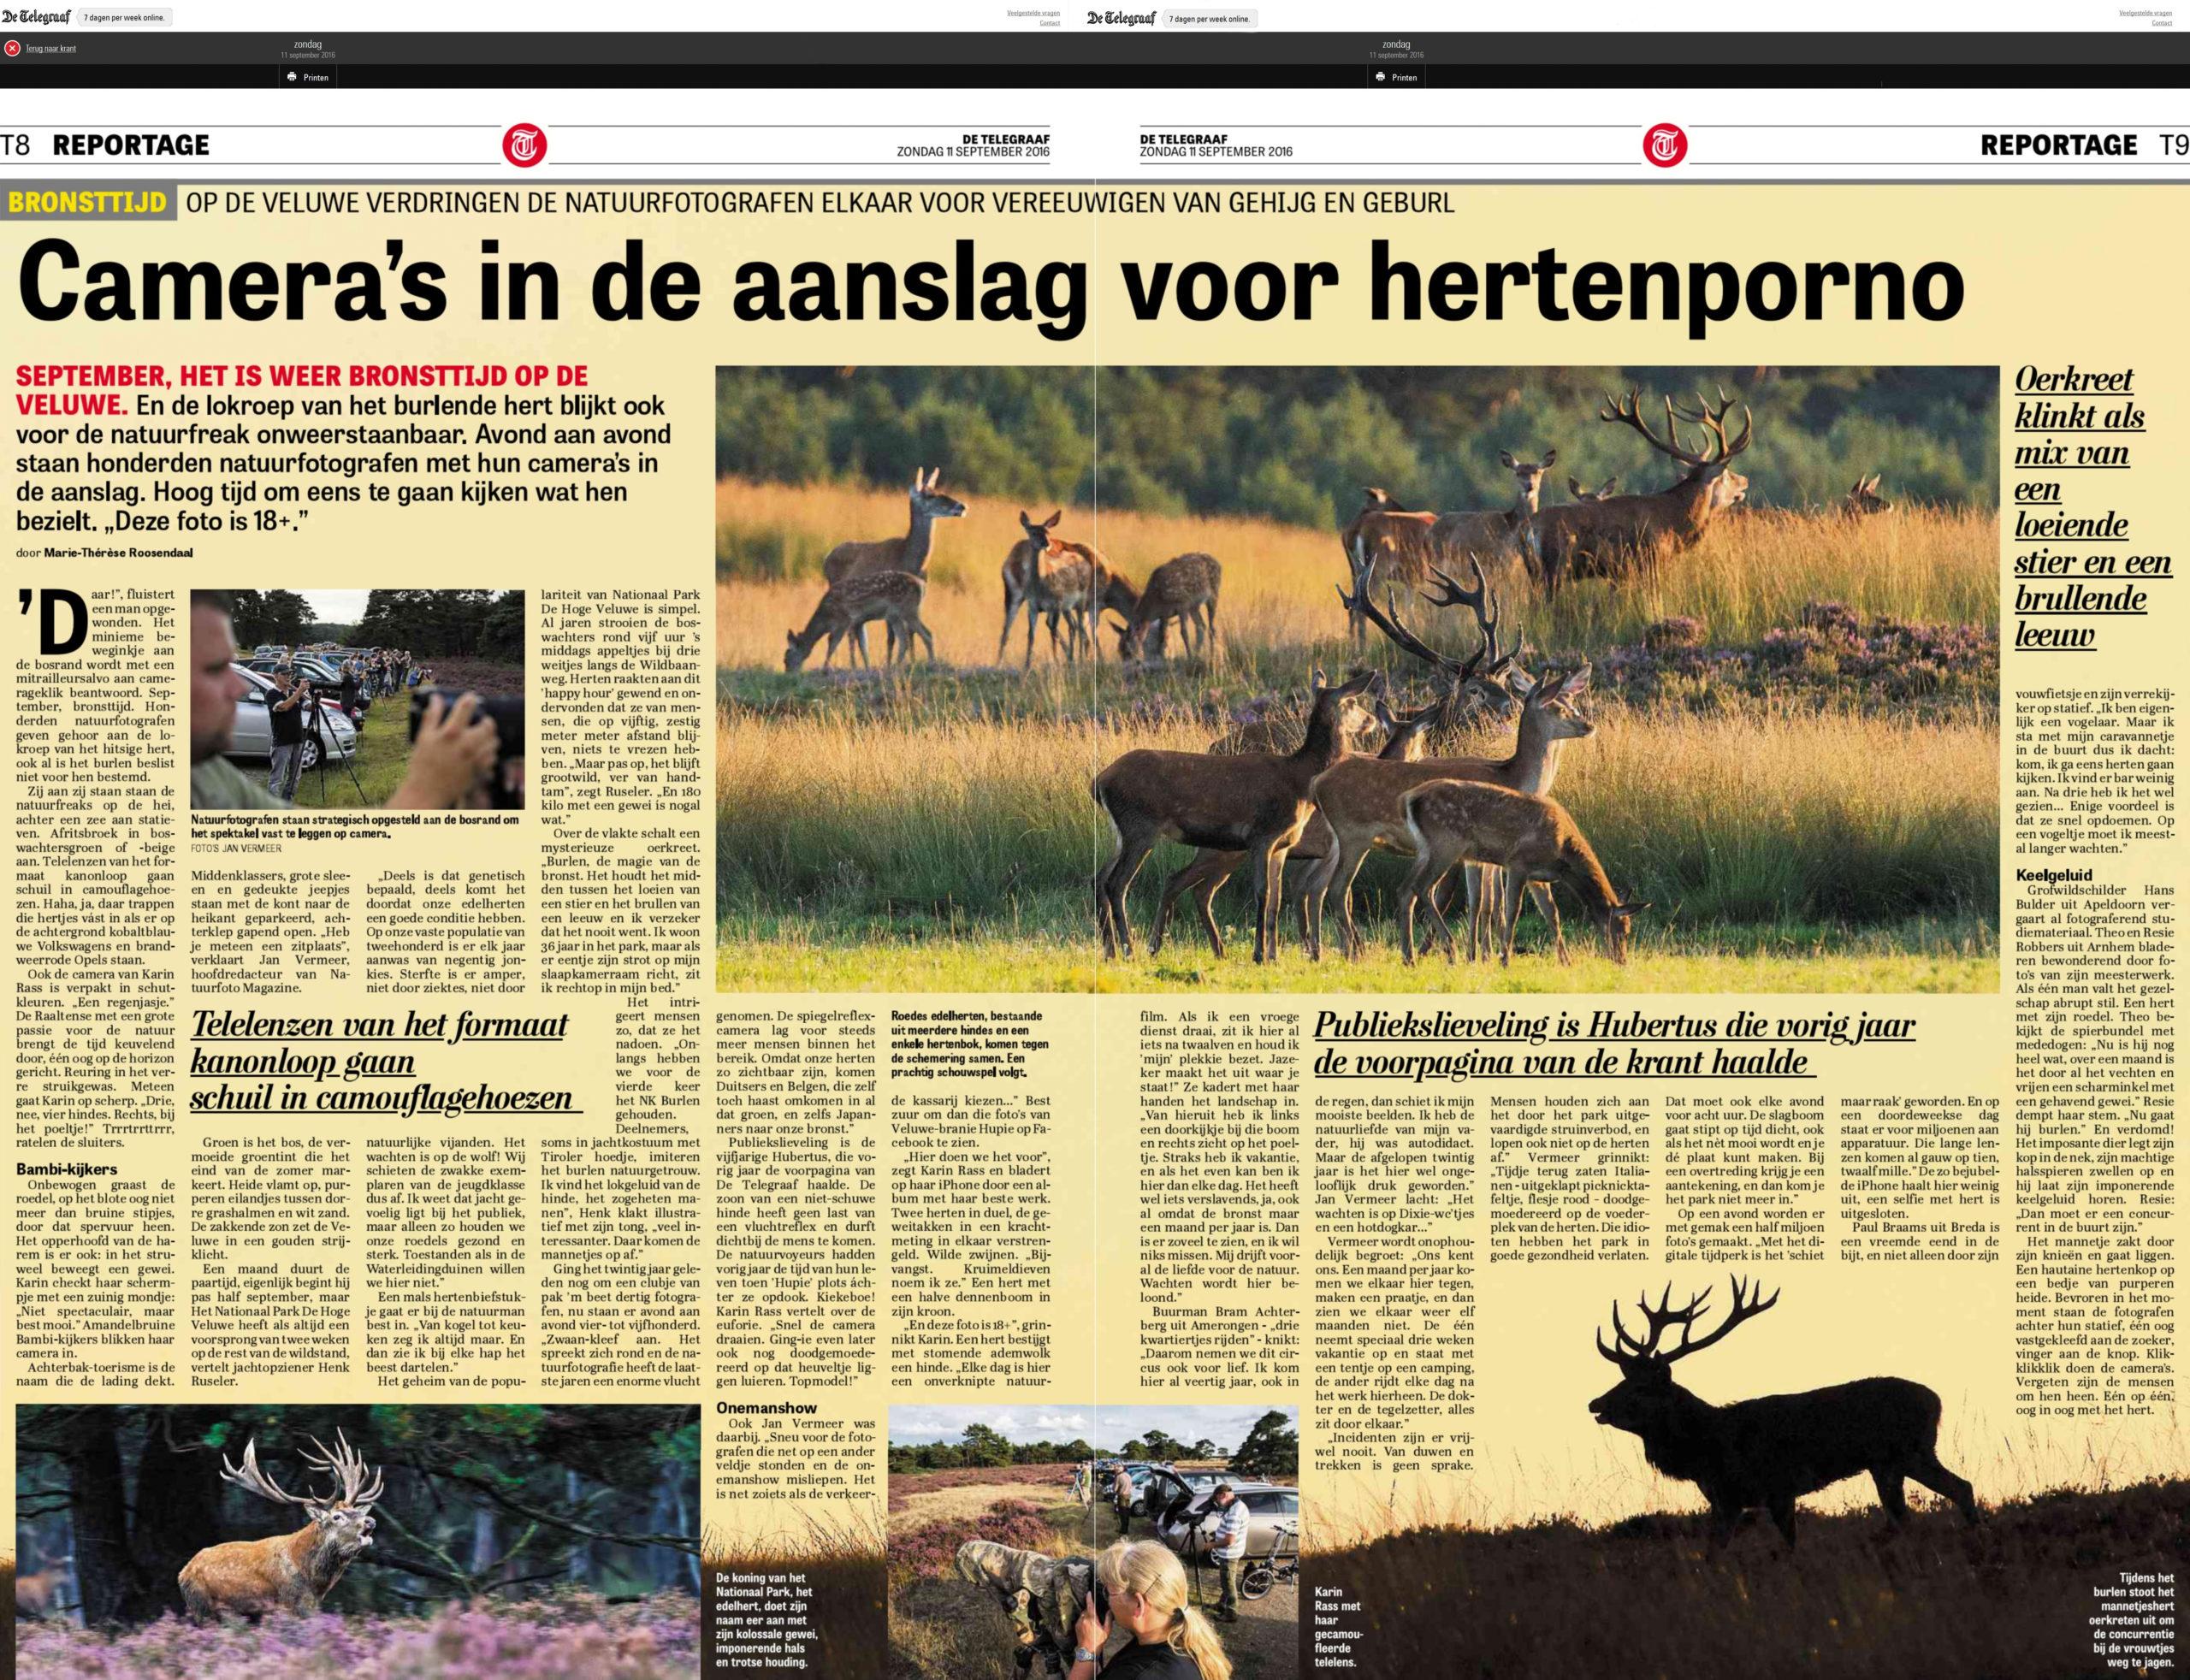 Reportage in de Telegraaf